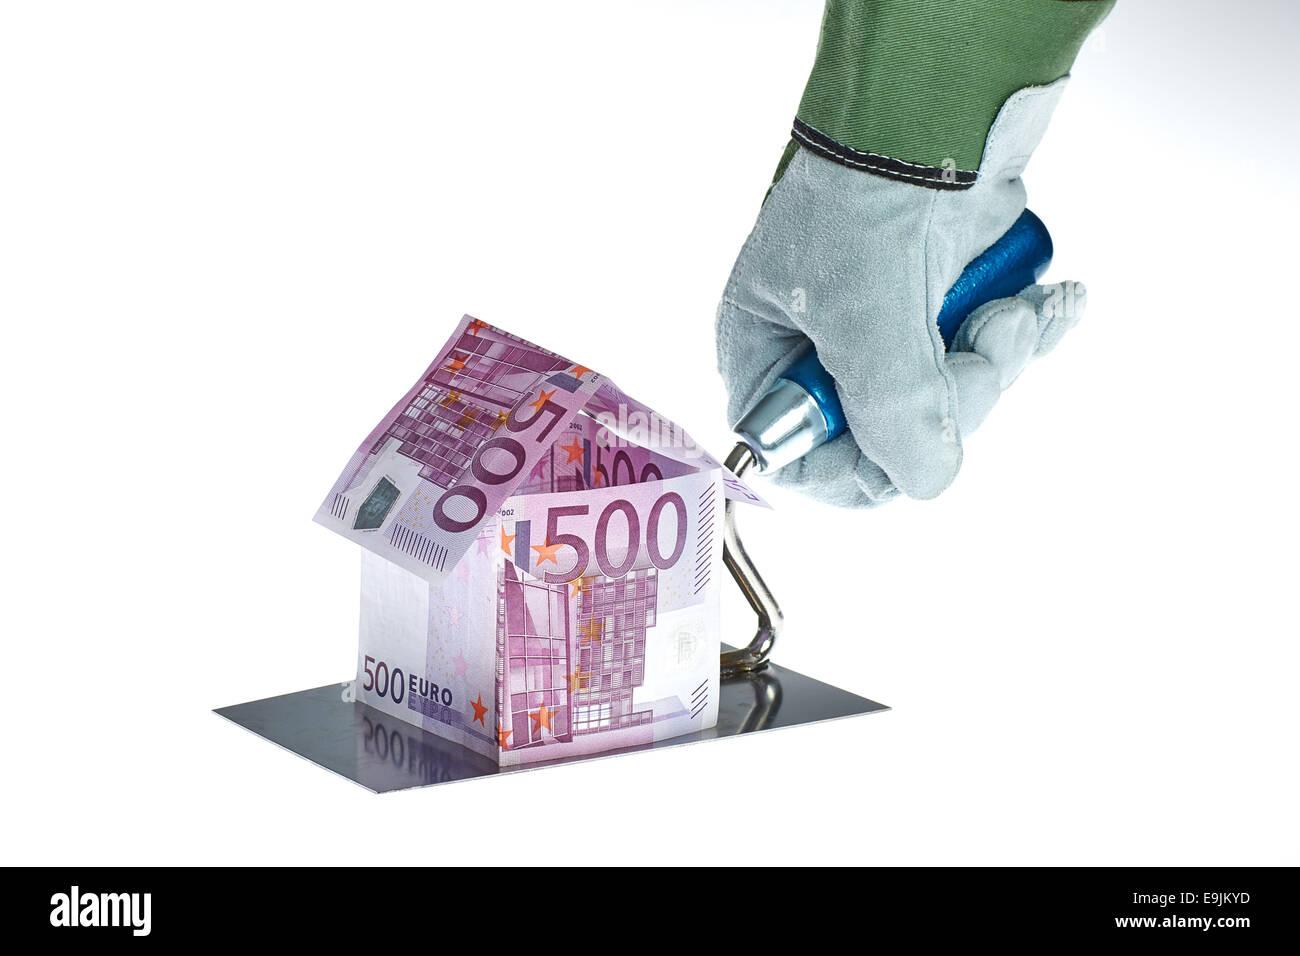 Haus aus 500 Euro-Geldscheinen Auf Einer Arbeiter Kelle Stockbild